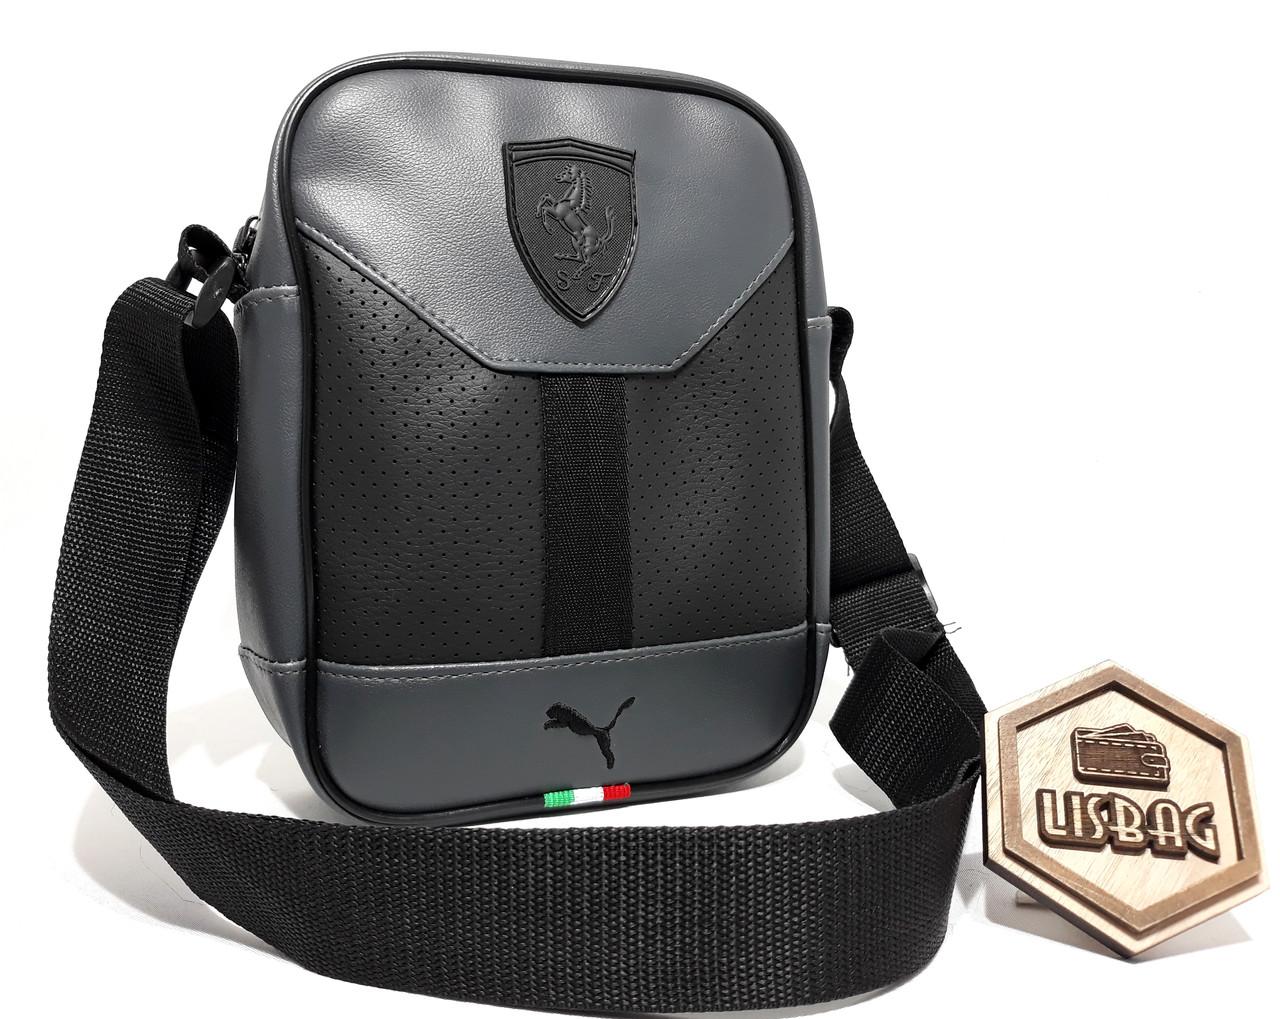 e36fd41750d0 Мужская сумка Puma ferrari на каждый день реплика люкс качества 2х  компонентная кожа PU - Интернет